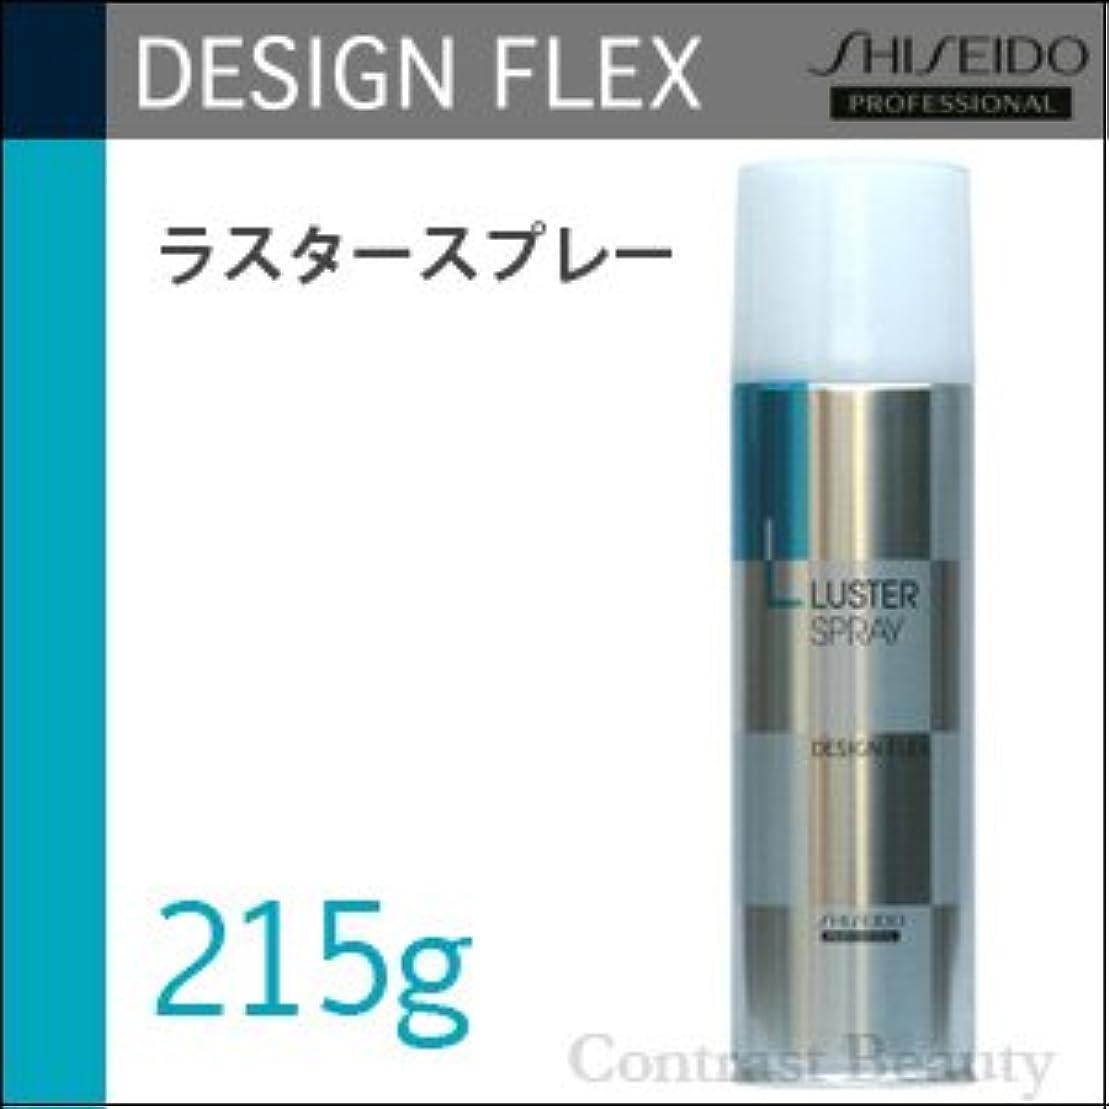 追い越す写真くま【x2個セット】 資生堂 デザインフレックス ラスタースプレー 215g